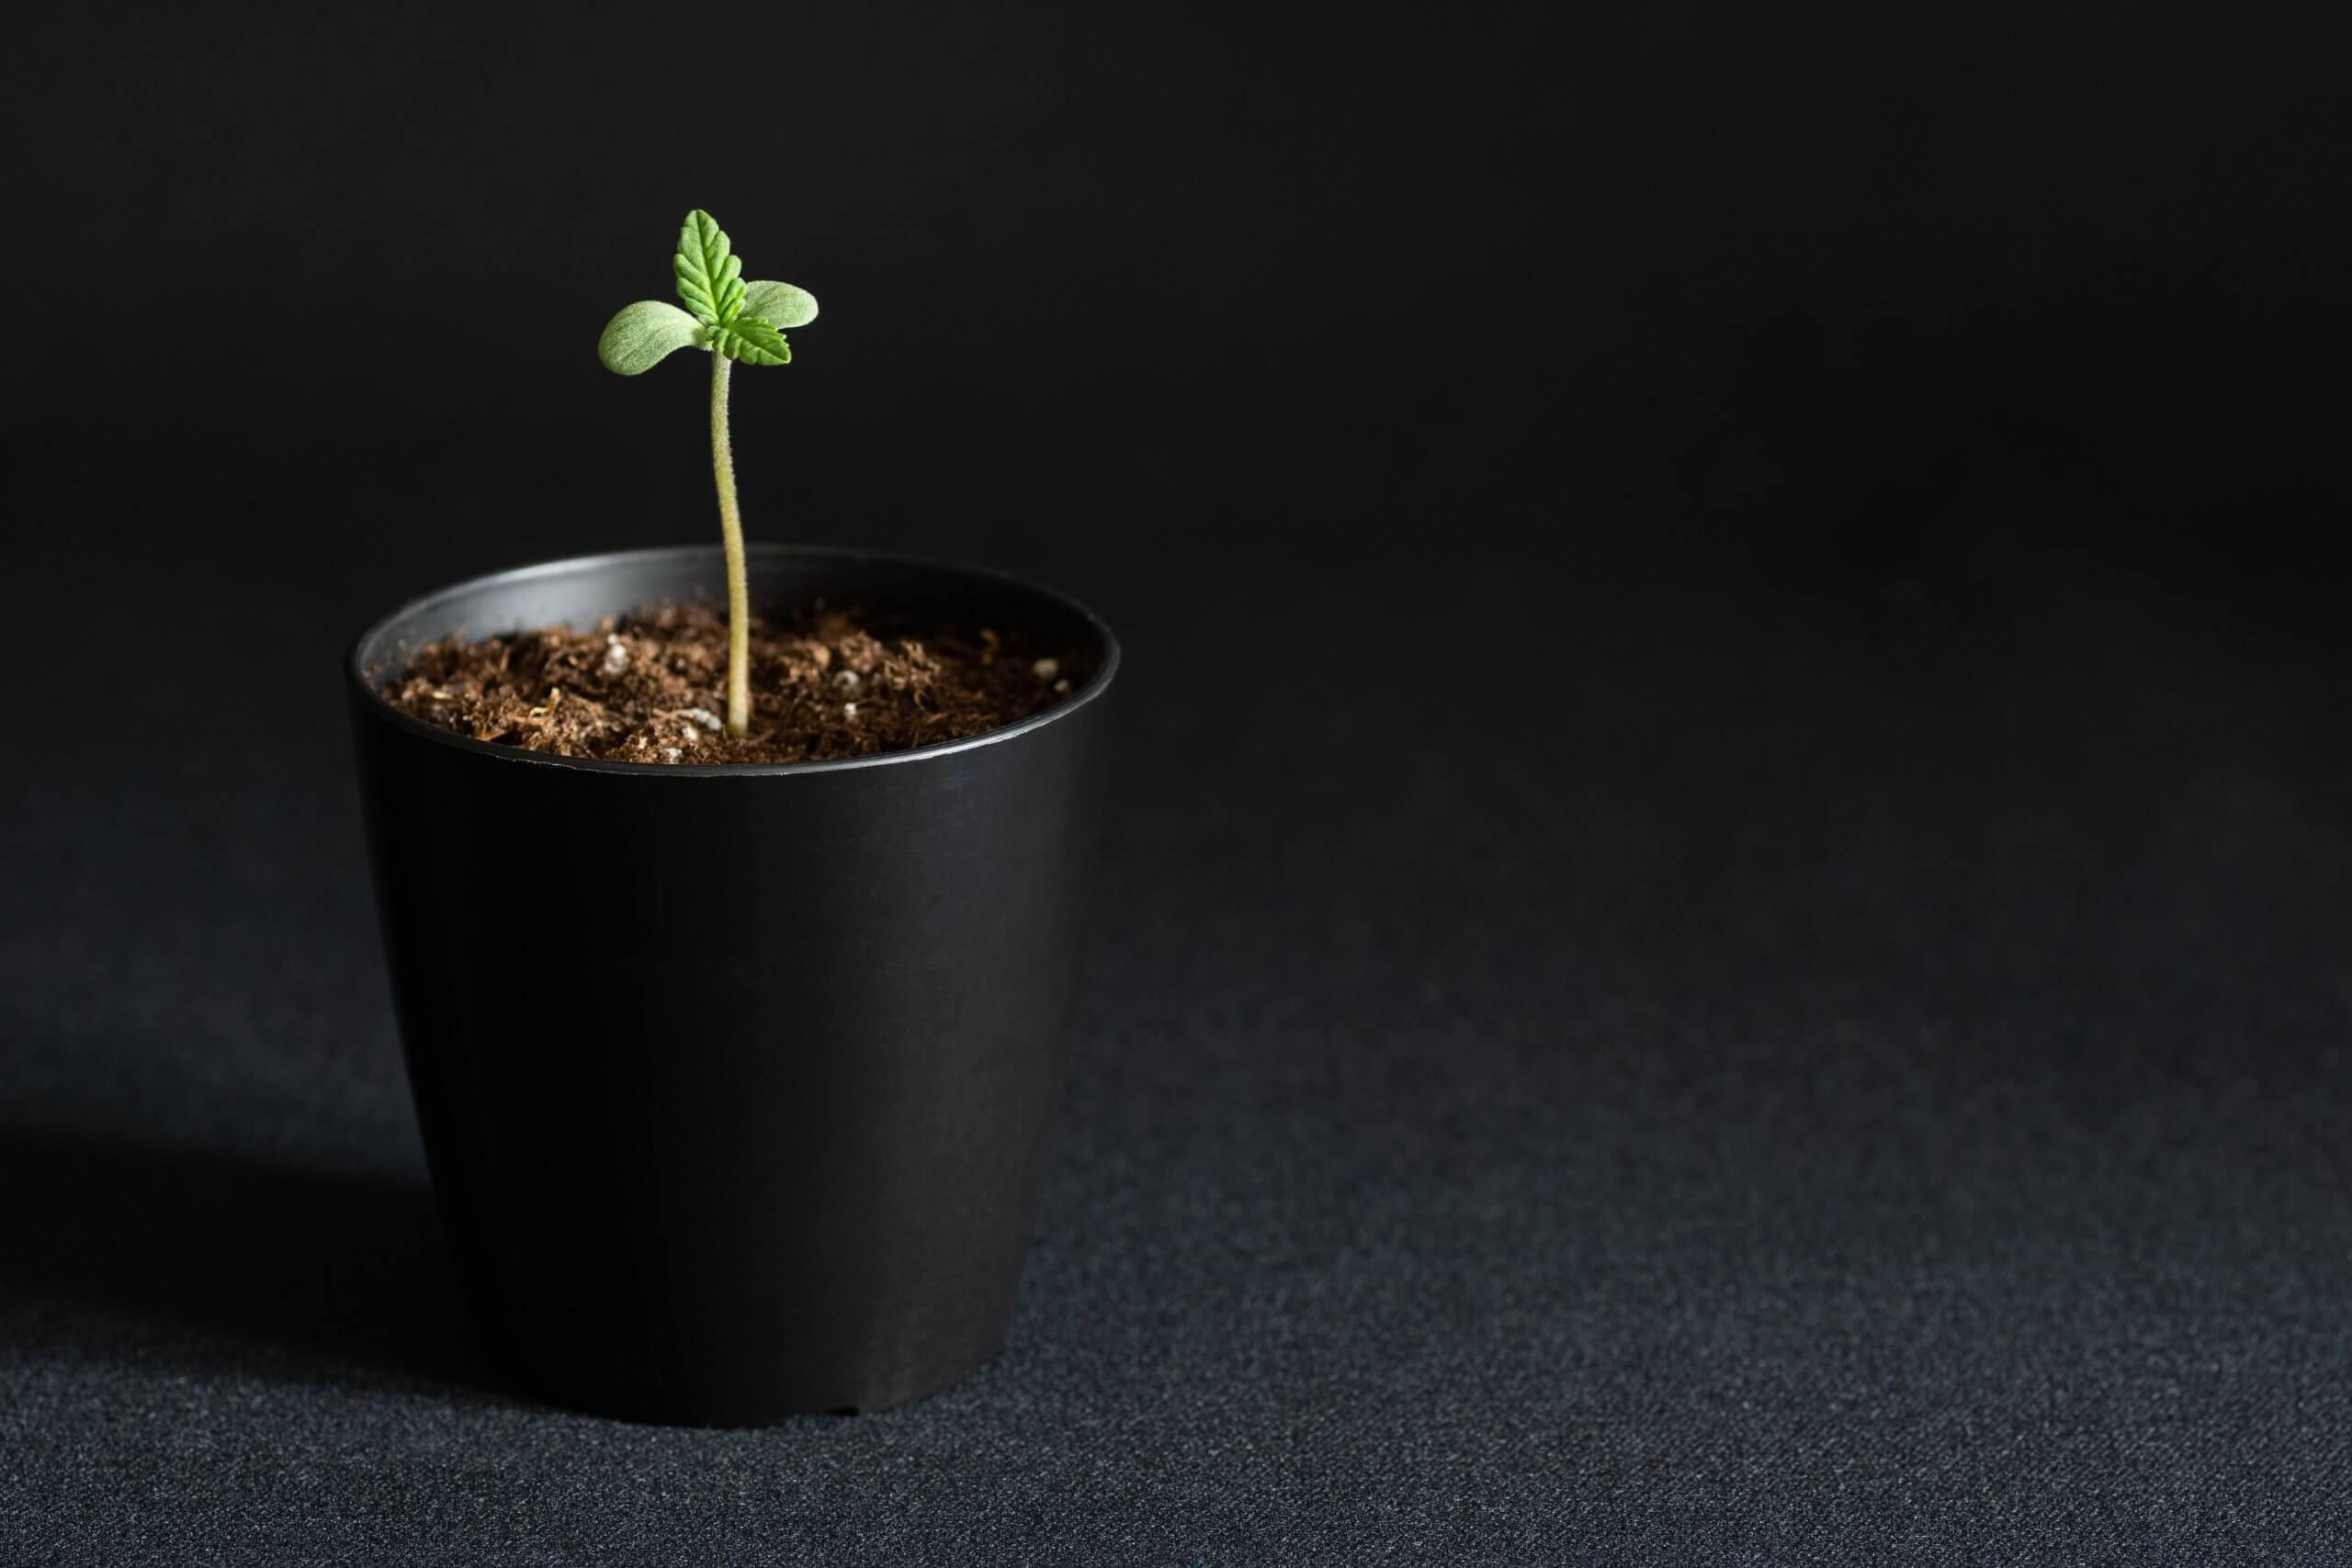 Homegrown Cannabis Plant